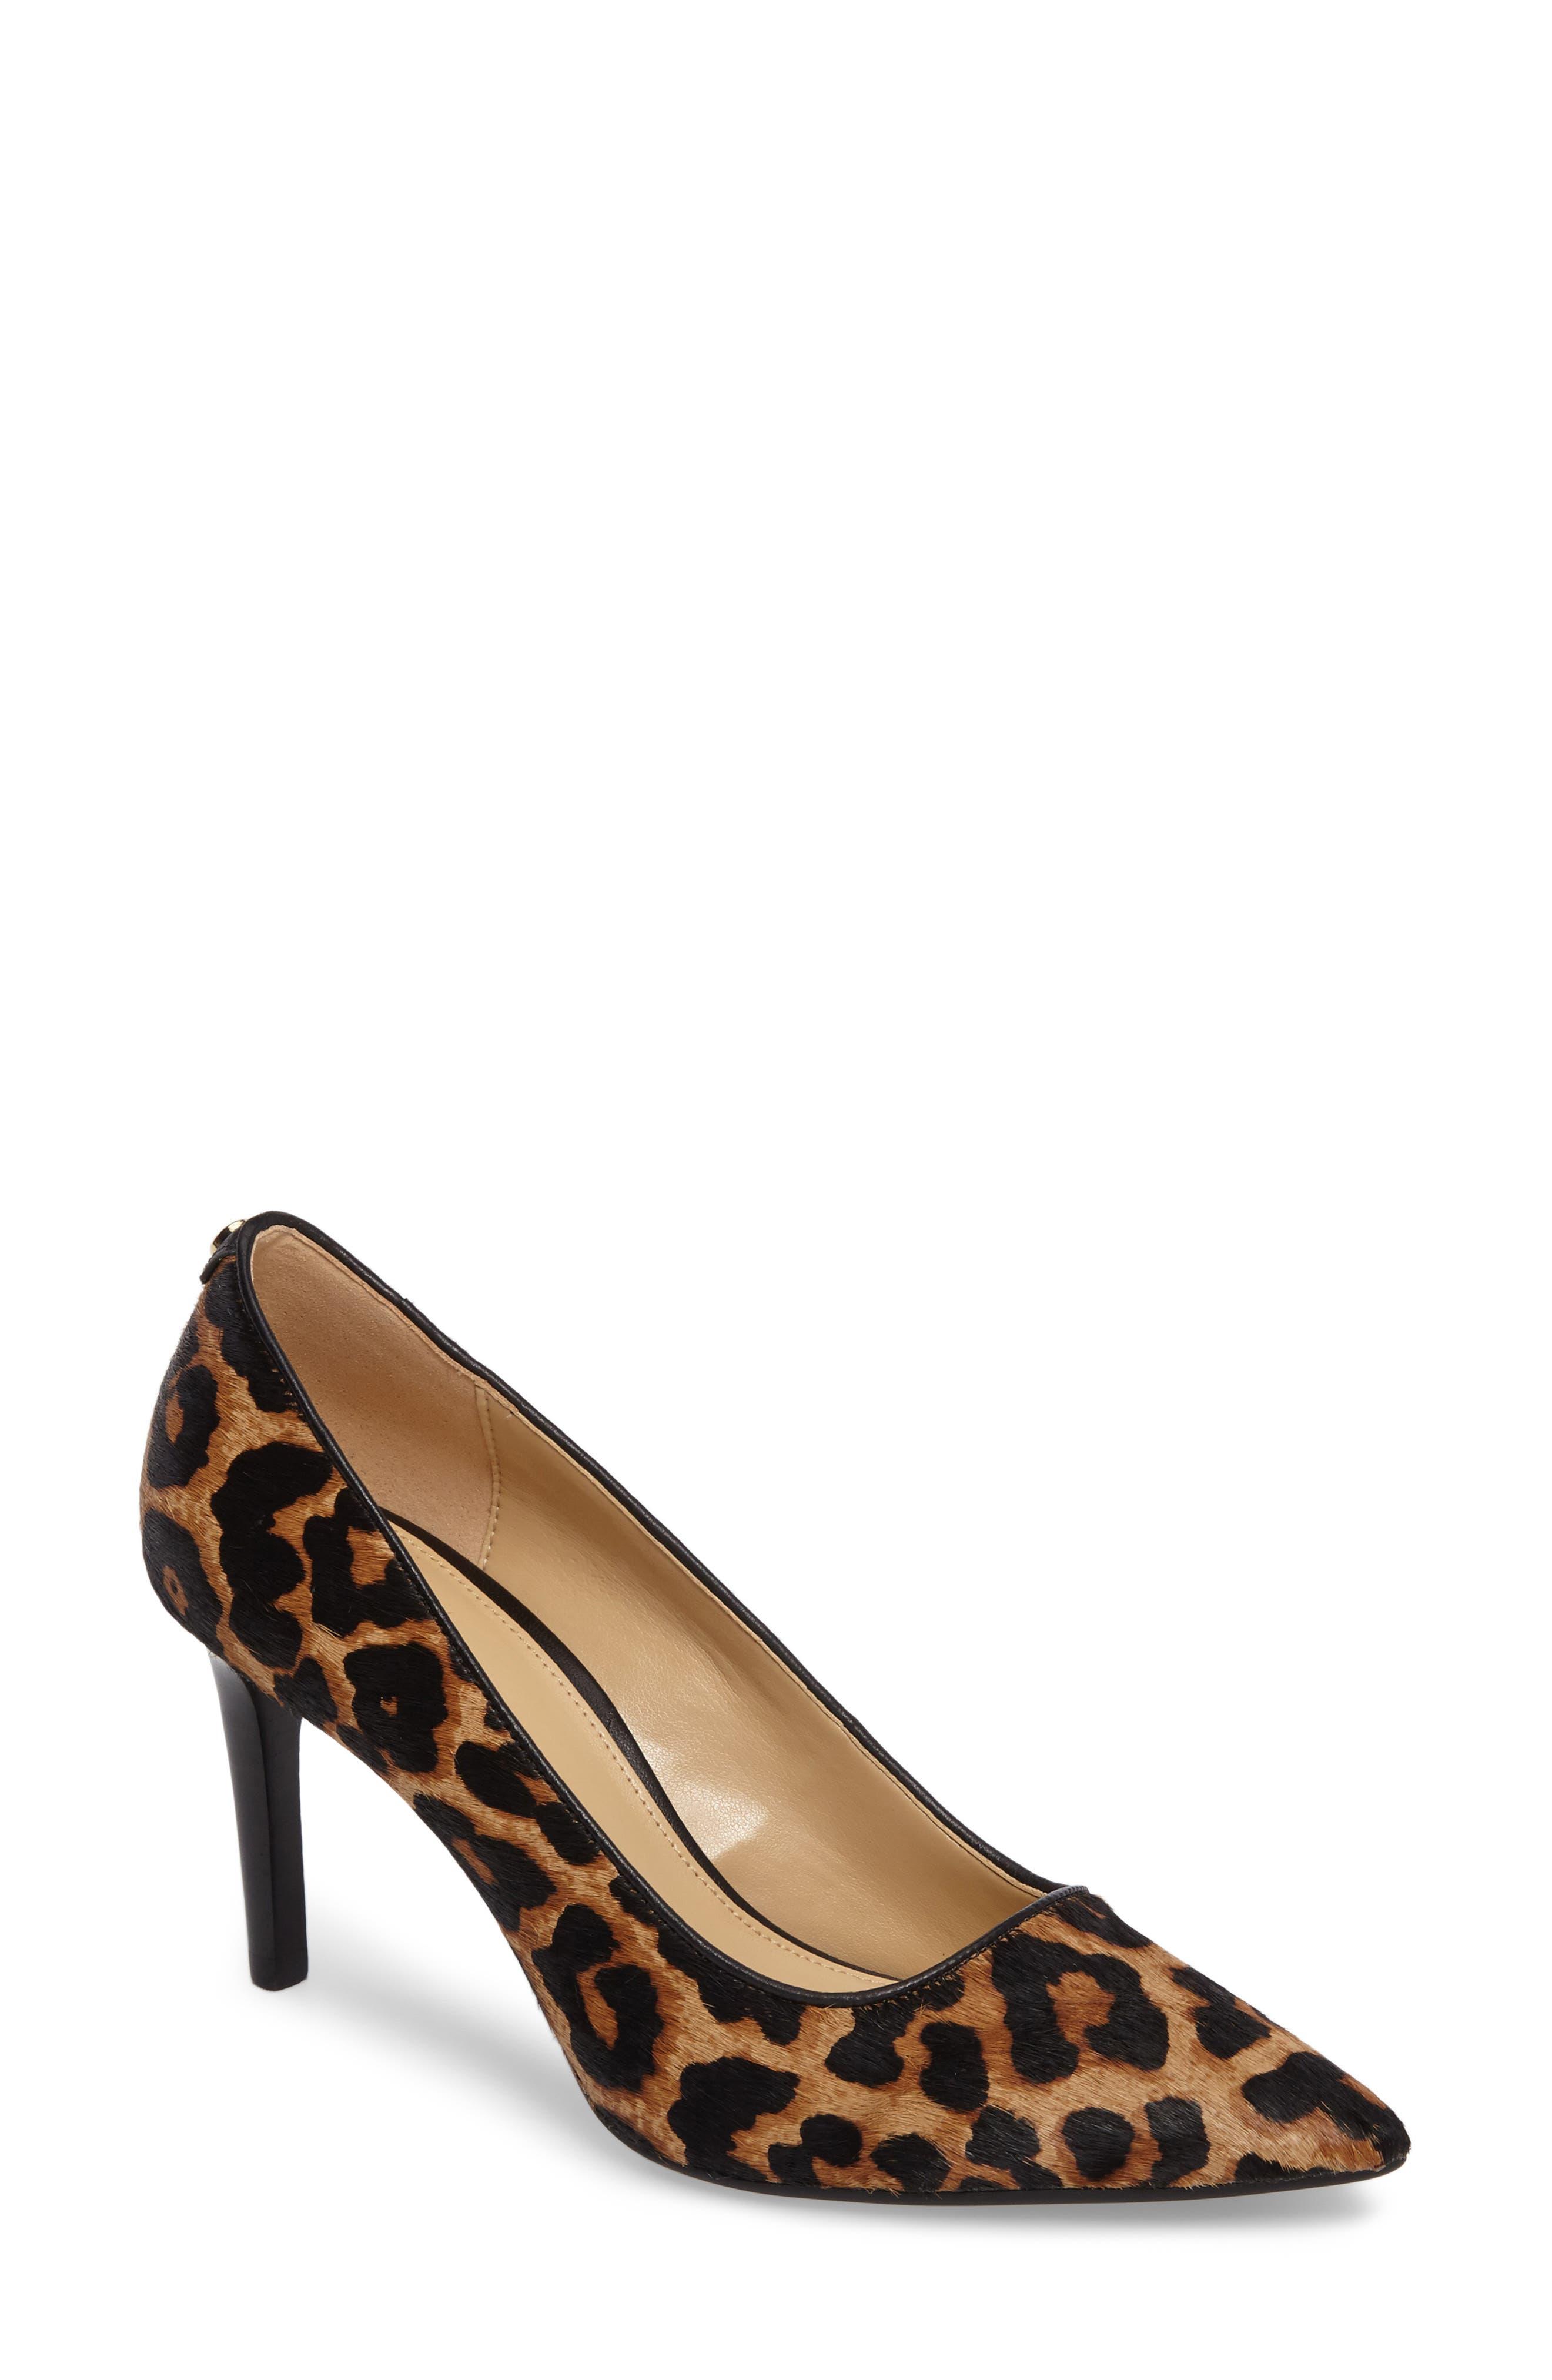 Dorothy Flex Genuine Calf Hair Pump,                             Main thumbnail 1, color,                             Cheetah Hair Calf